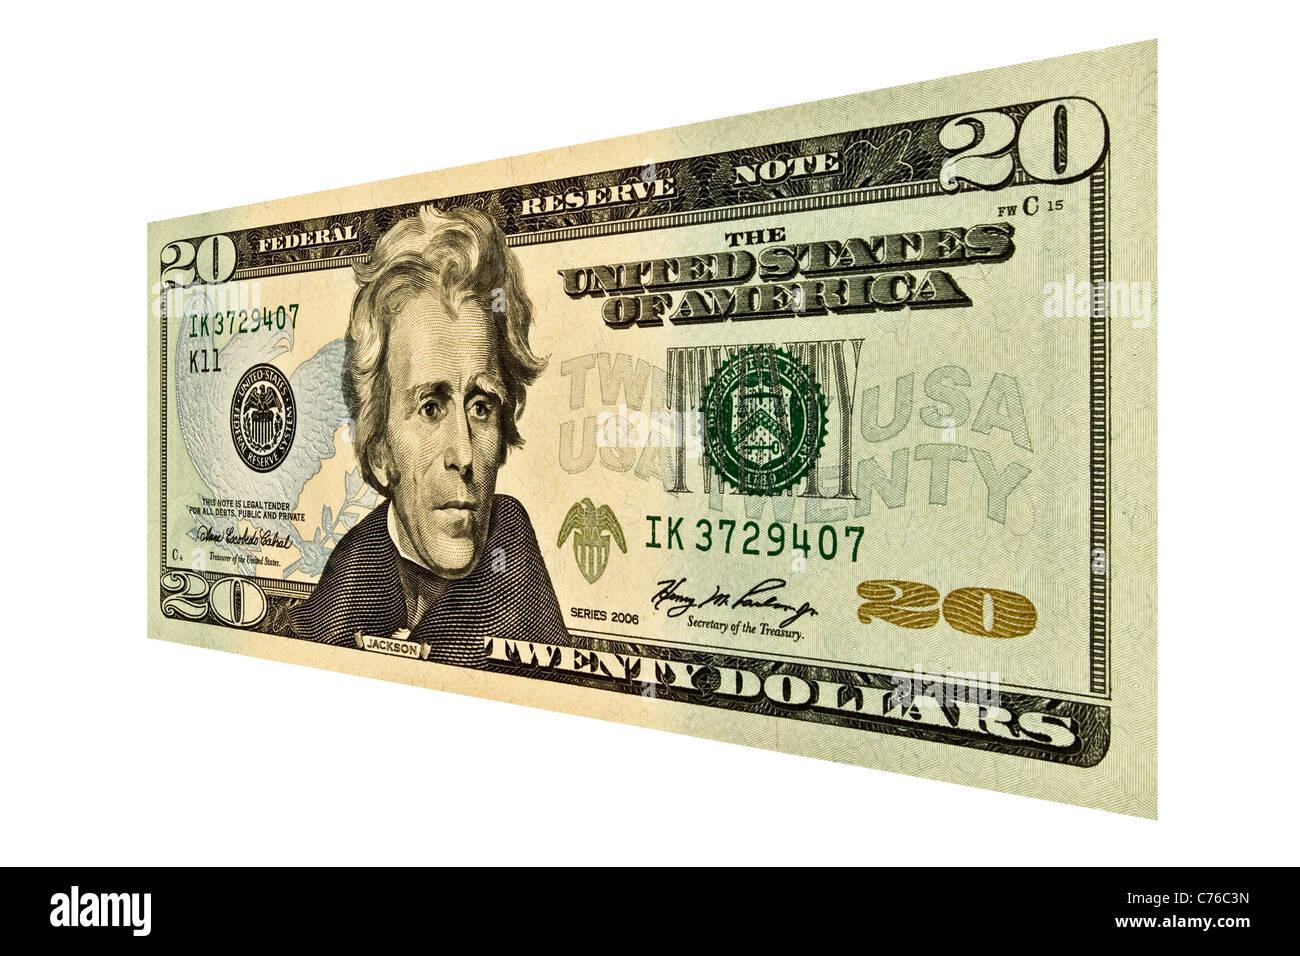 Einzigen 20 US-Dollar bill isoliert auf weiss Stockbild